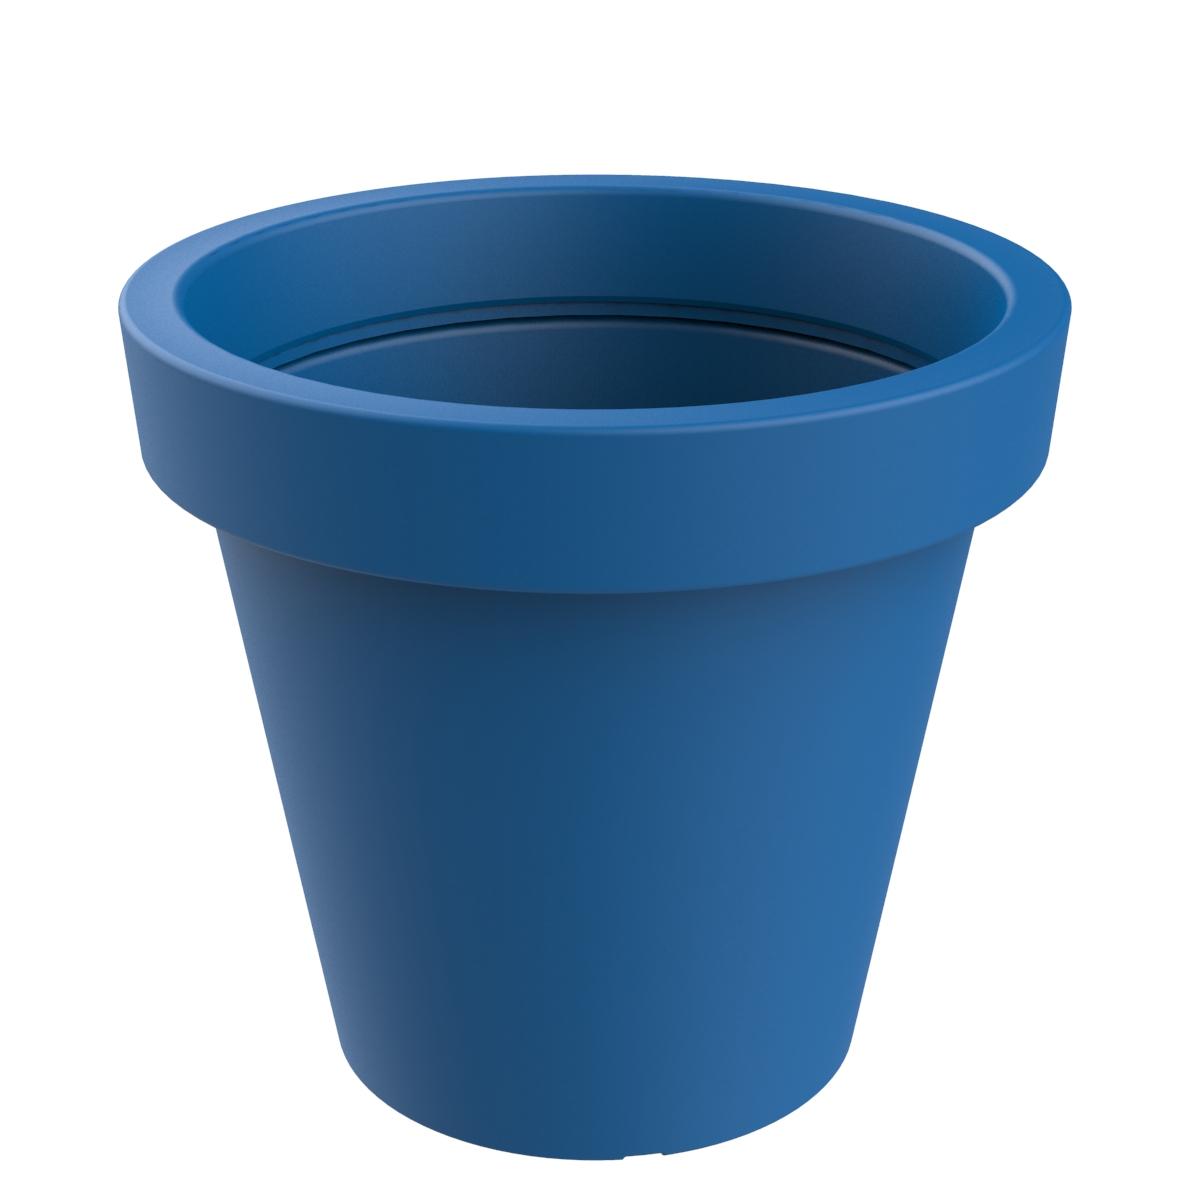 Jardinera modelo Alvium de color azul RAL 5005 P-1017-1200-AZU